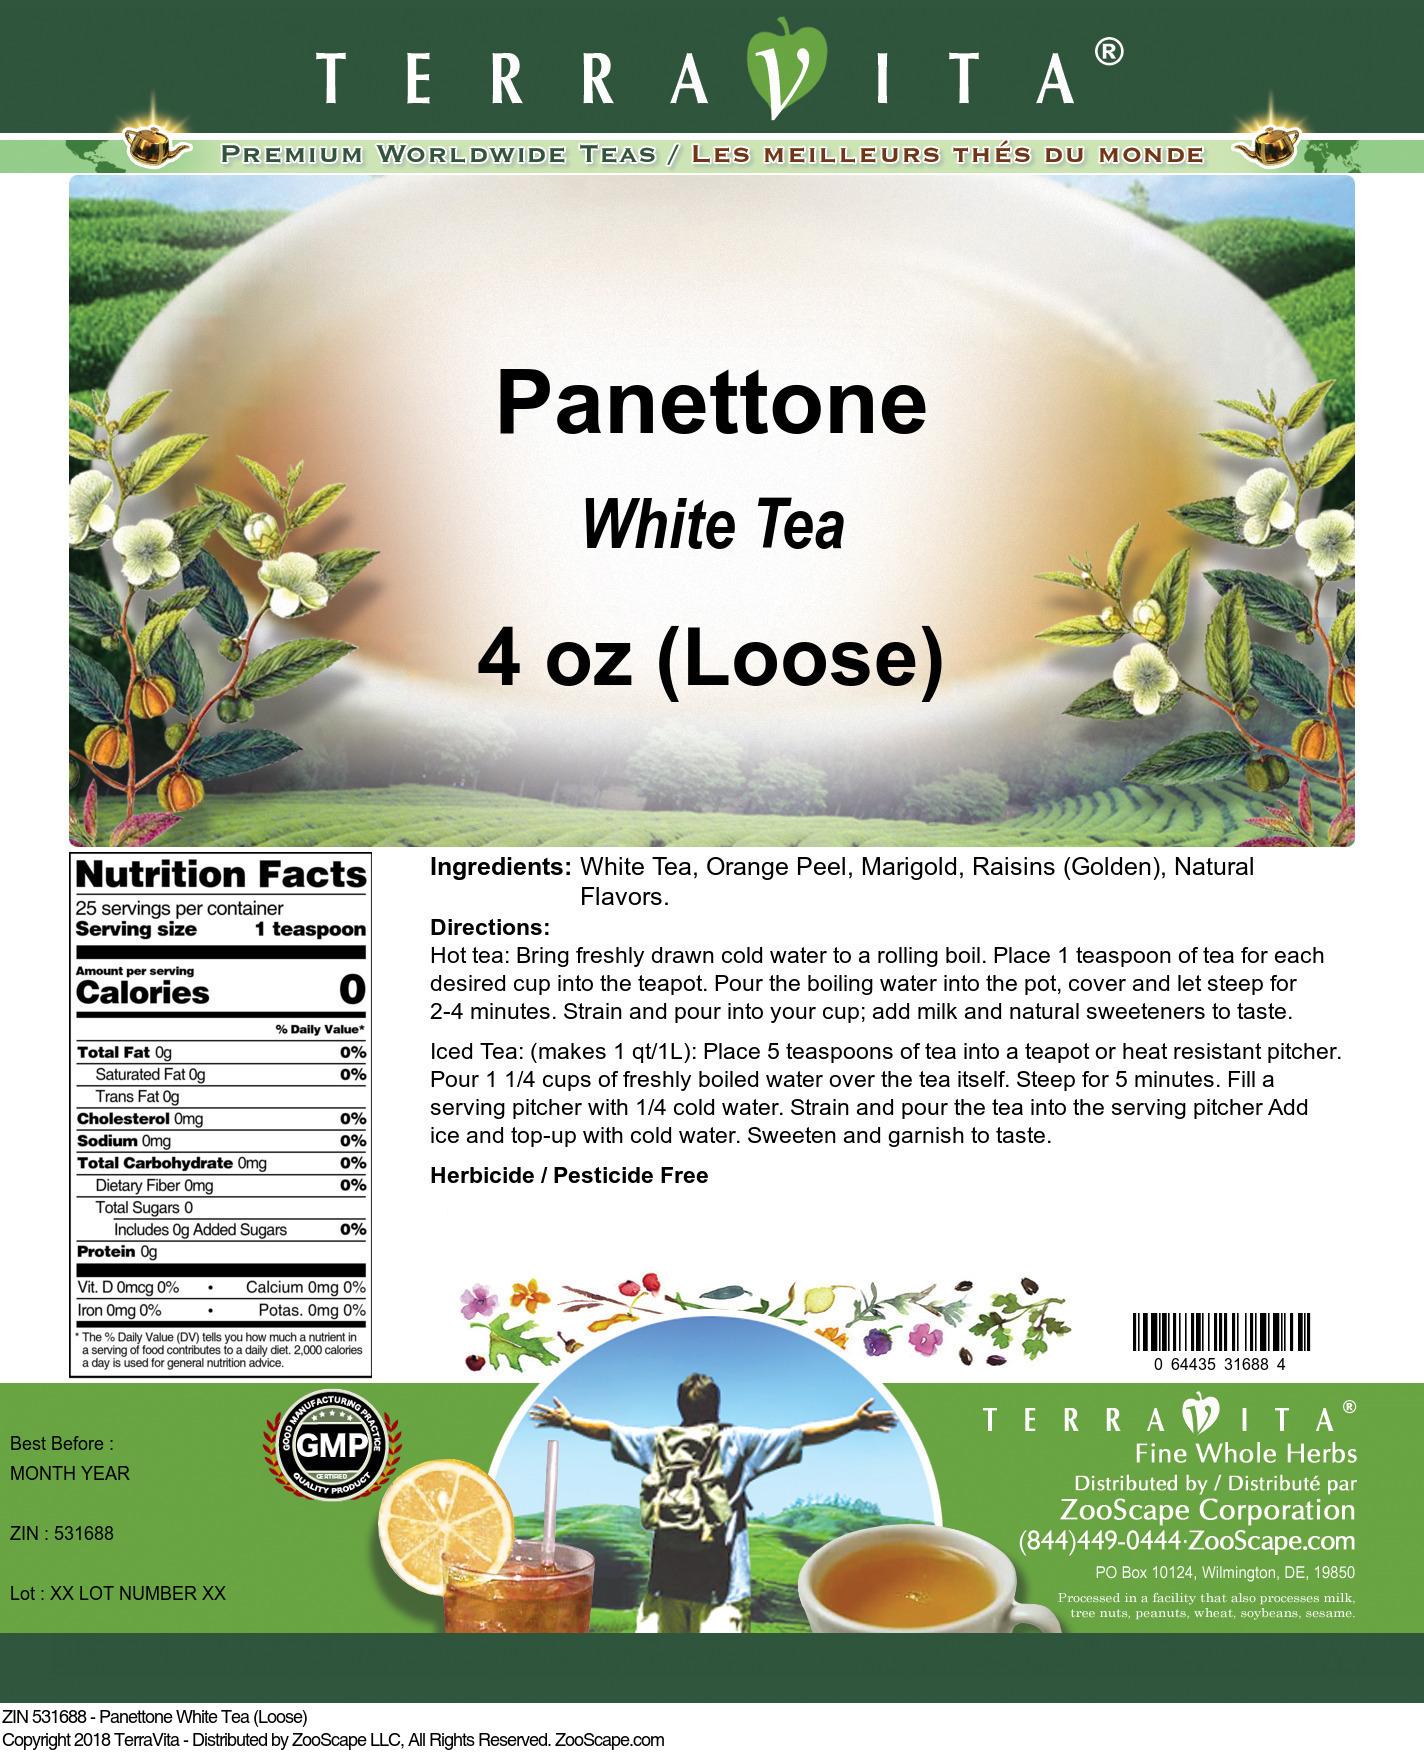 Panettone White Tea (Loose)